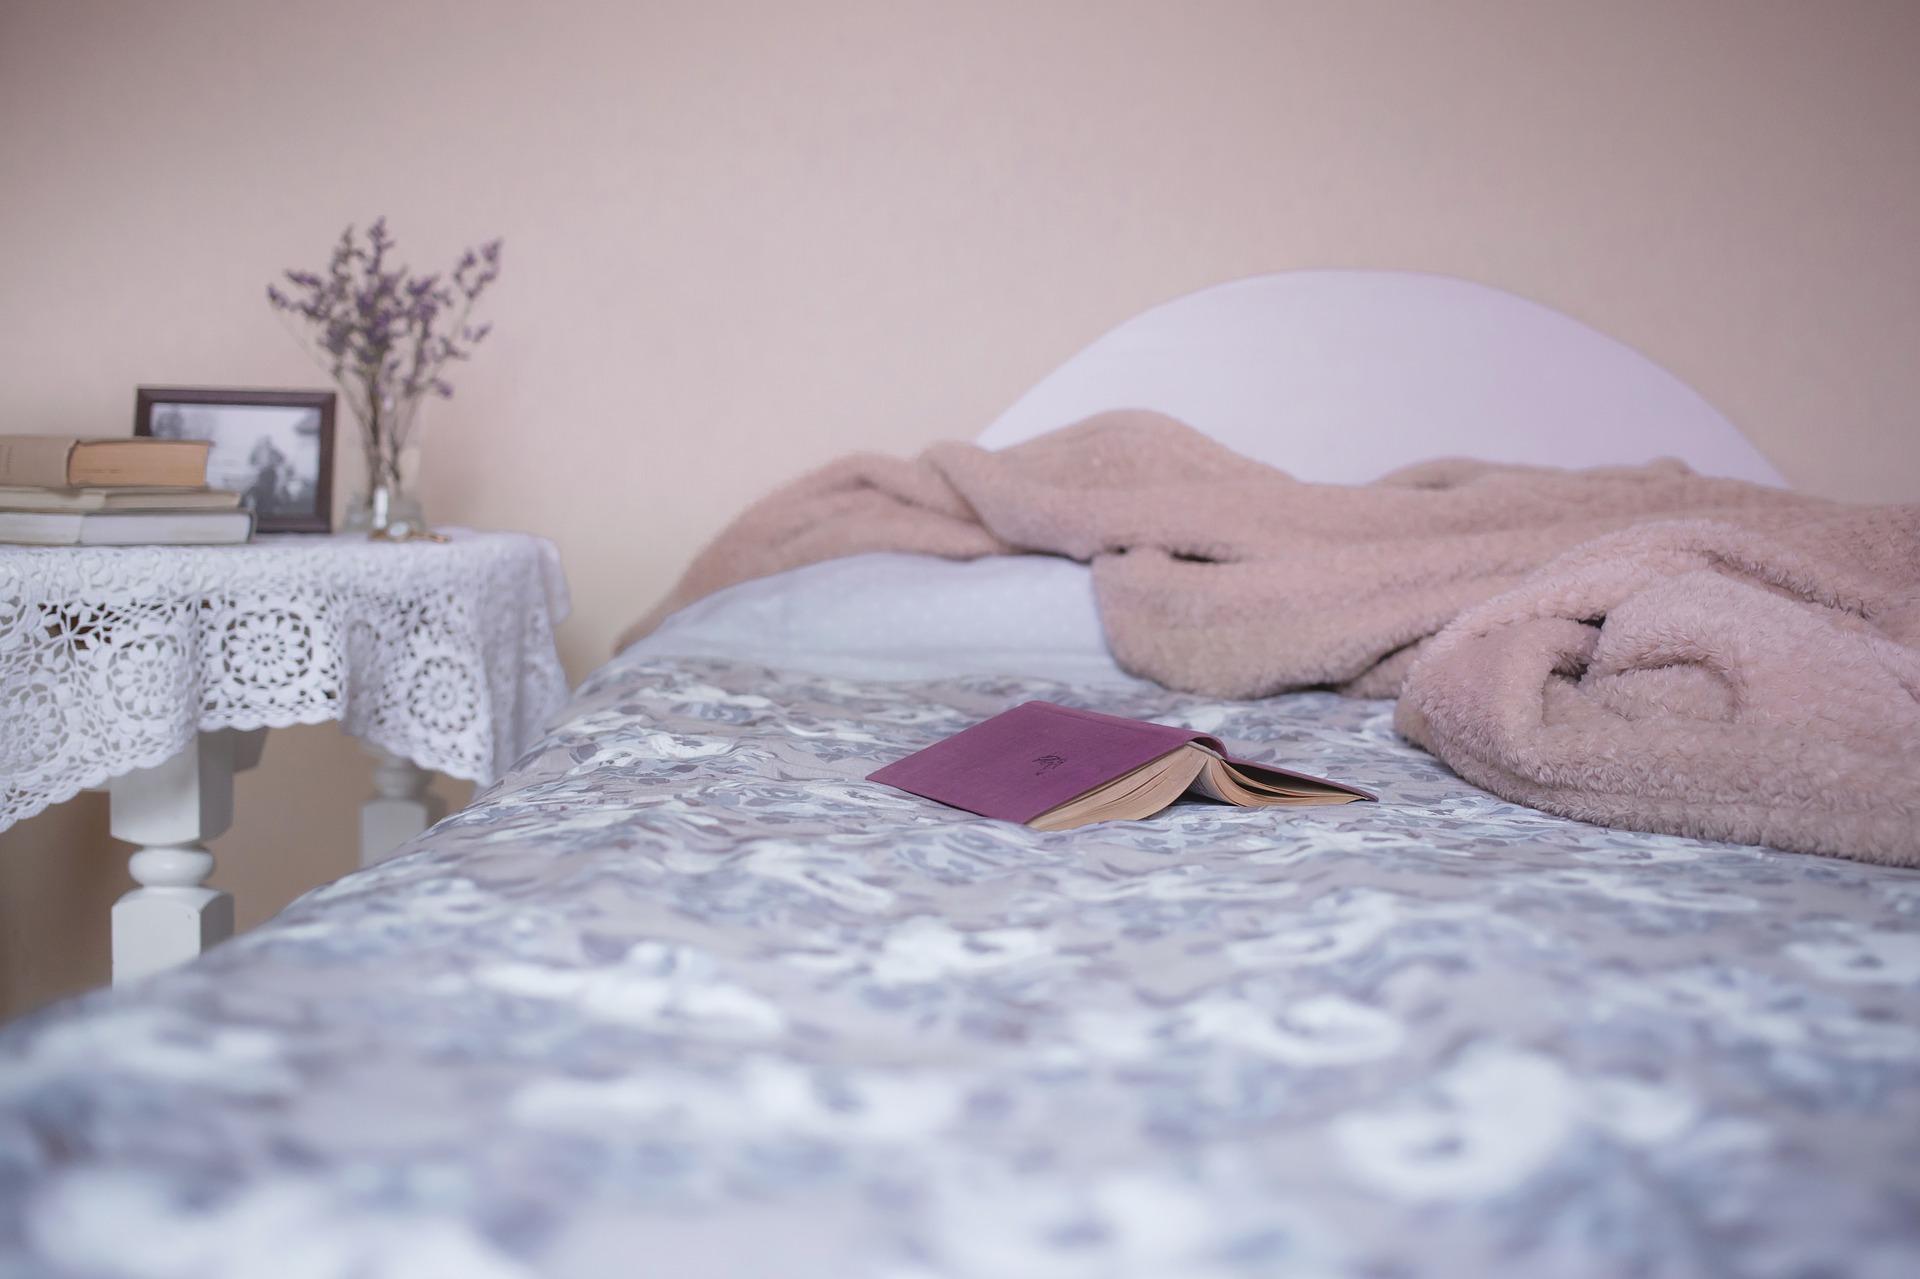 Schimmel im Schlafzimmer - Gesundheitsrisiko?  GETIFIX